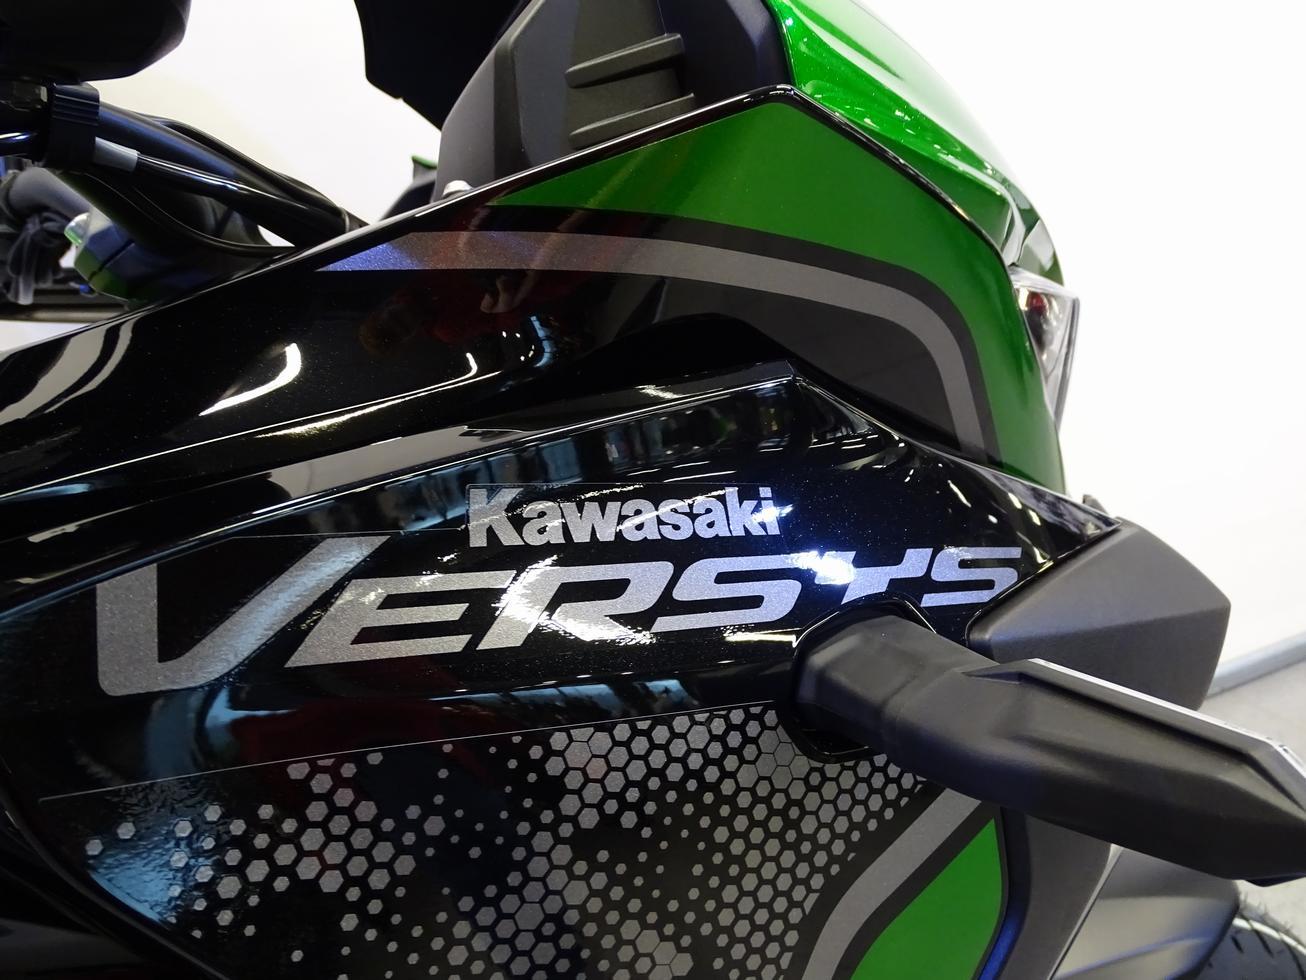 KAWASAKI - VERSYS 1000 S